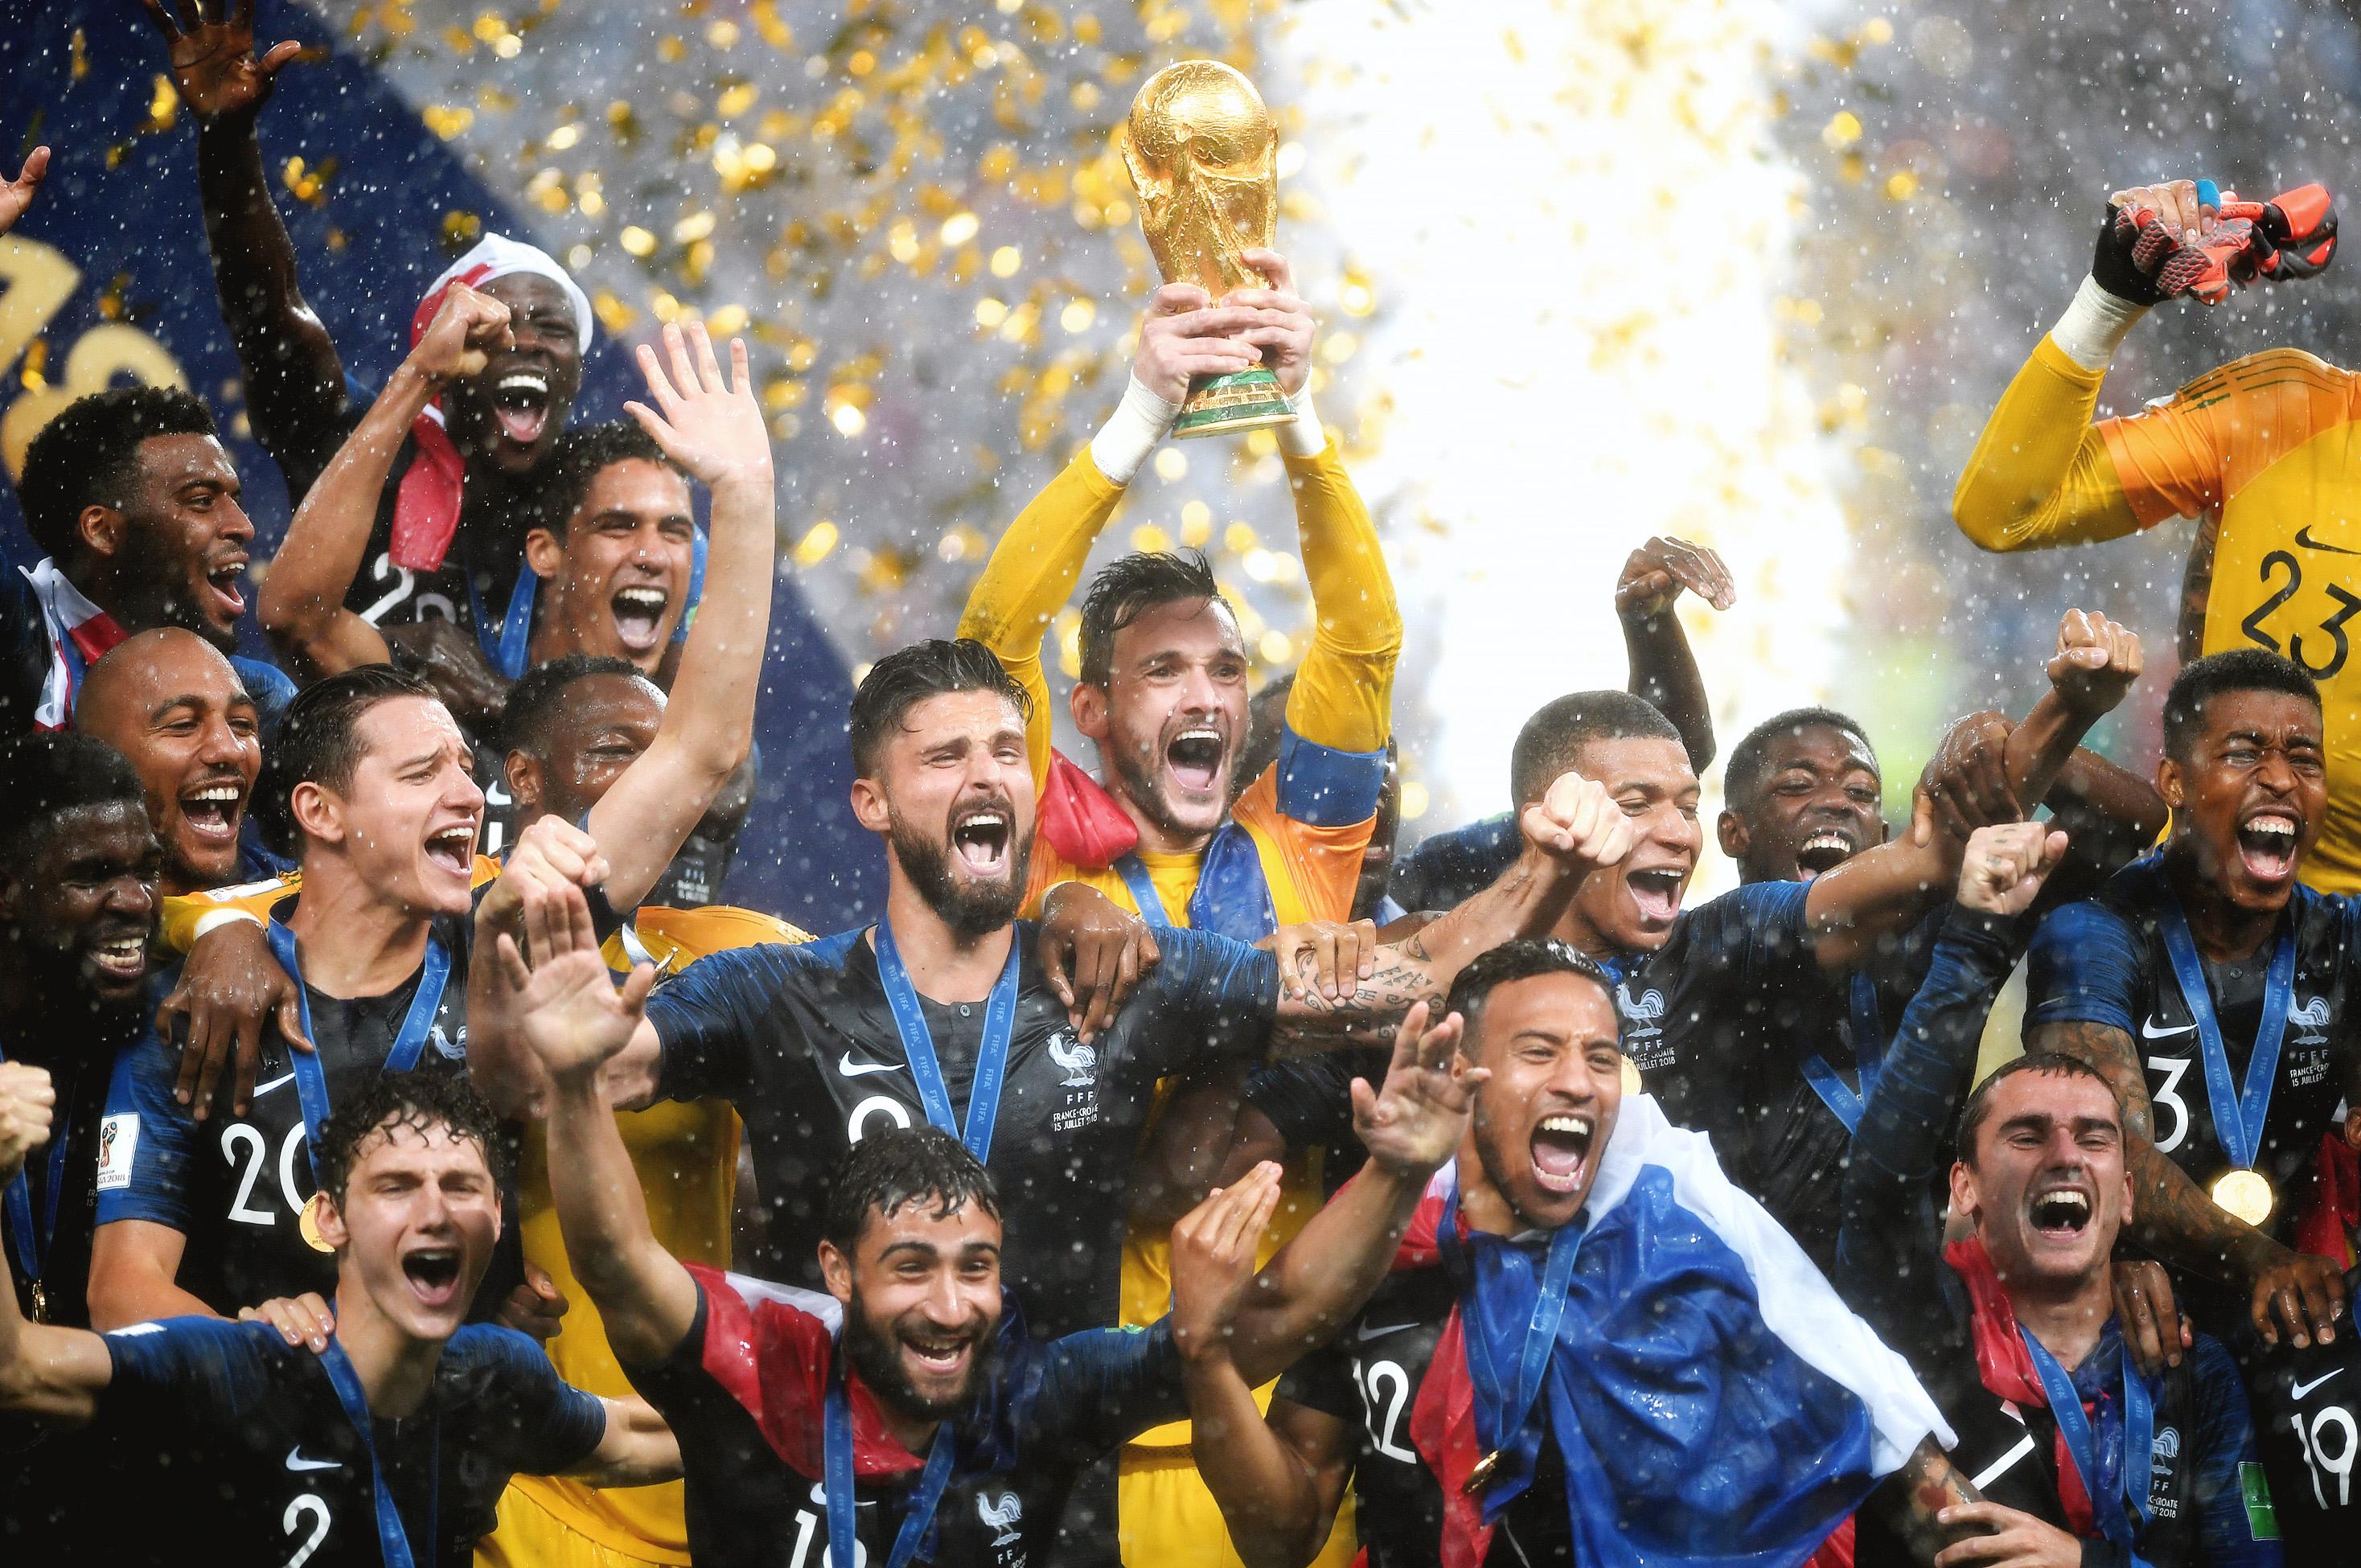 Сборная Франции празднует победу надХорватией вфинале чемпионата мира.